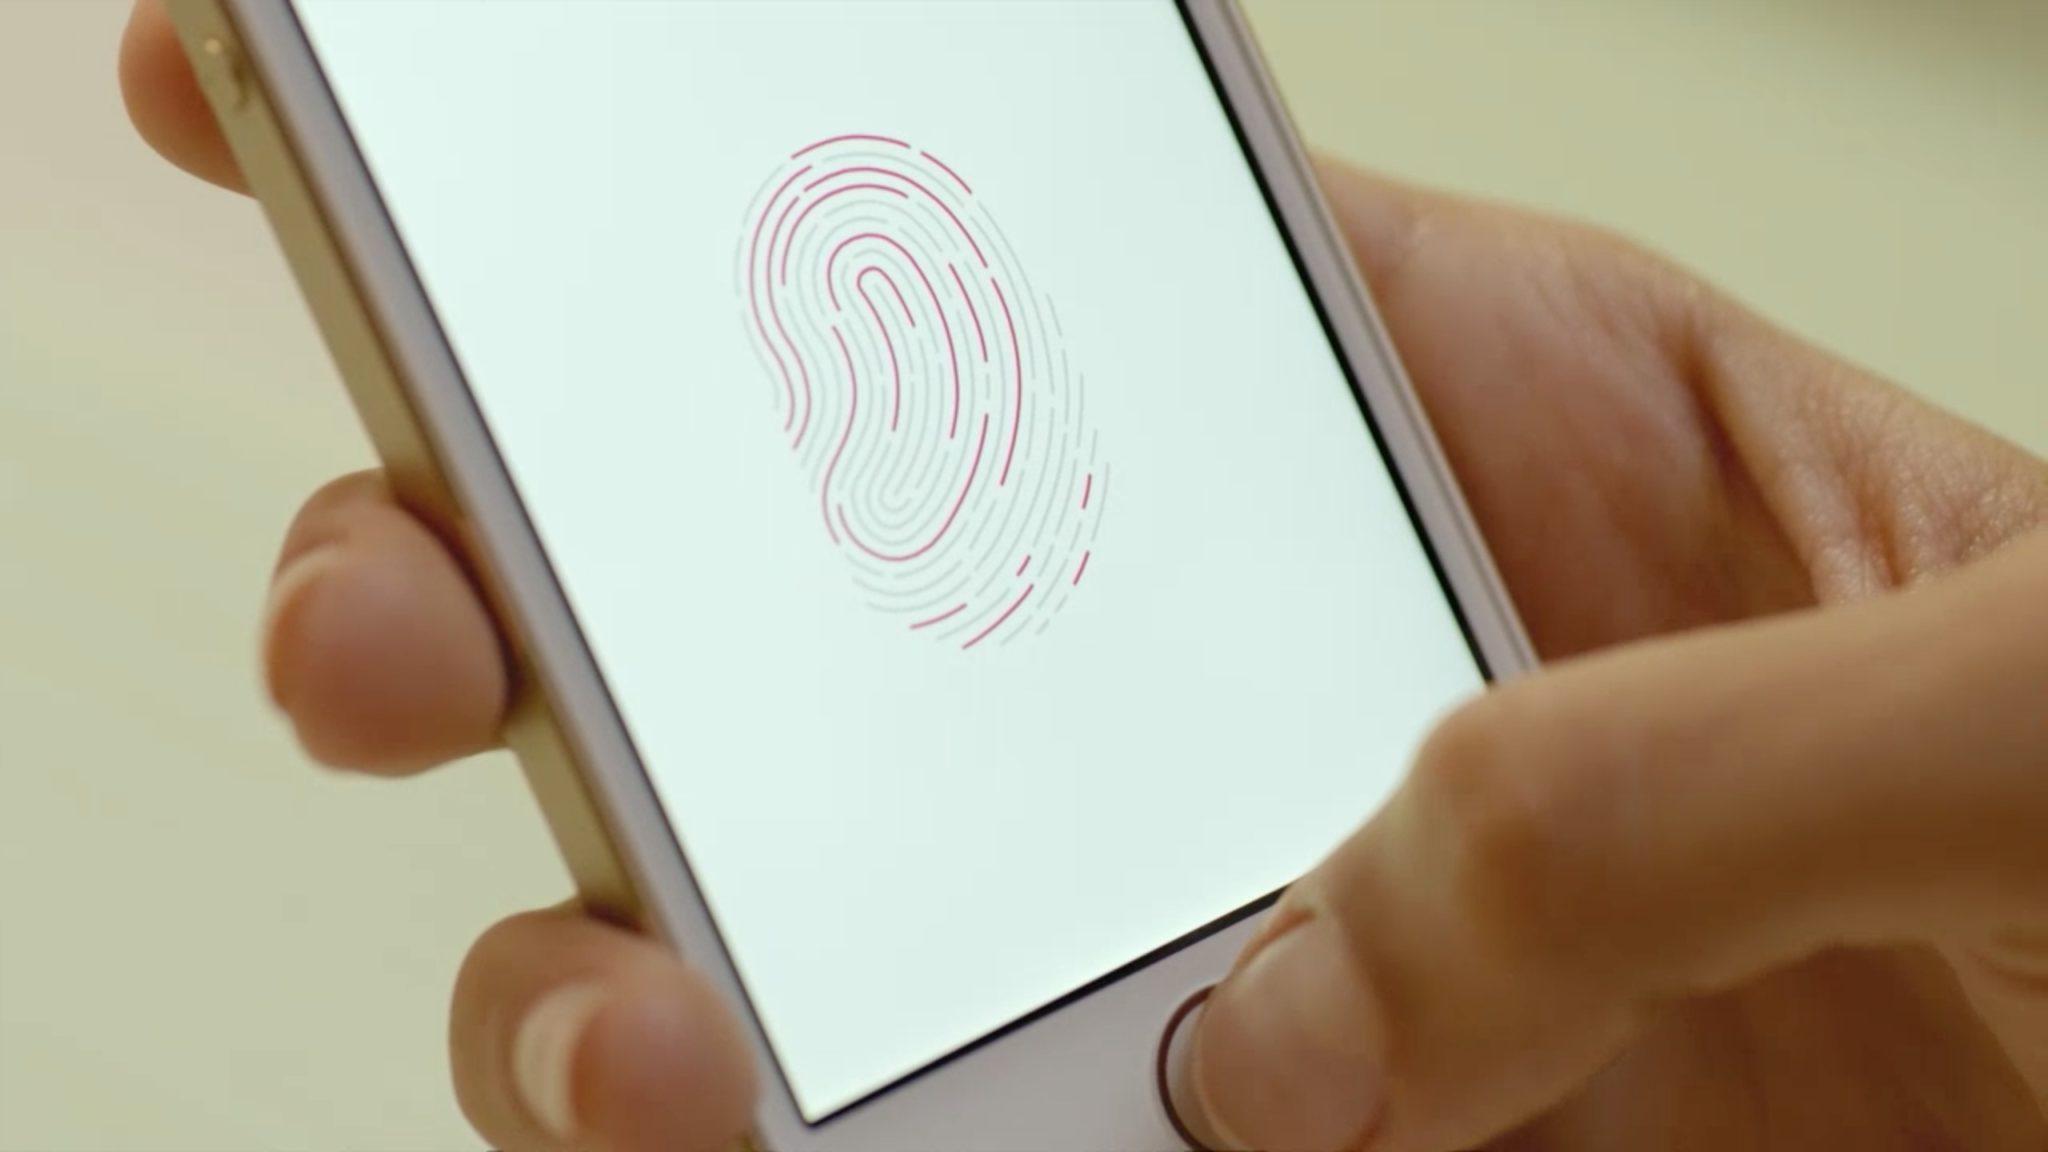 Чем протирать сенсорный экран телефона чтобы не было отпечатков